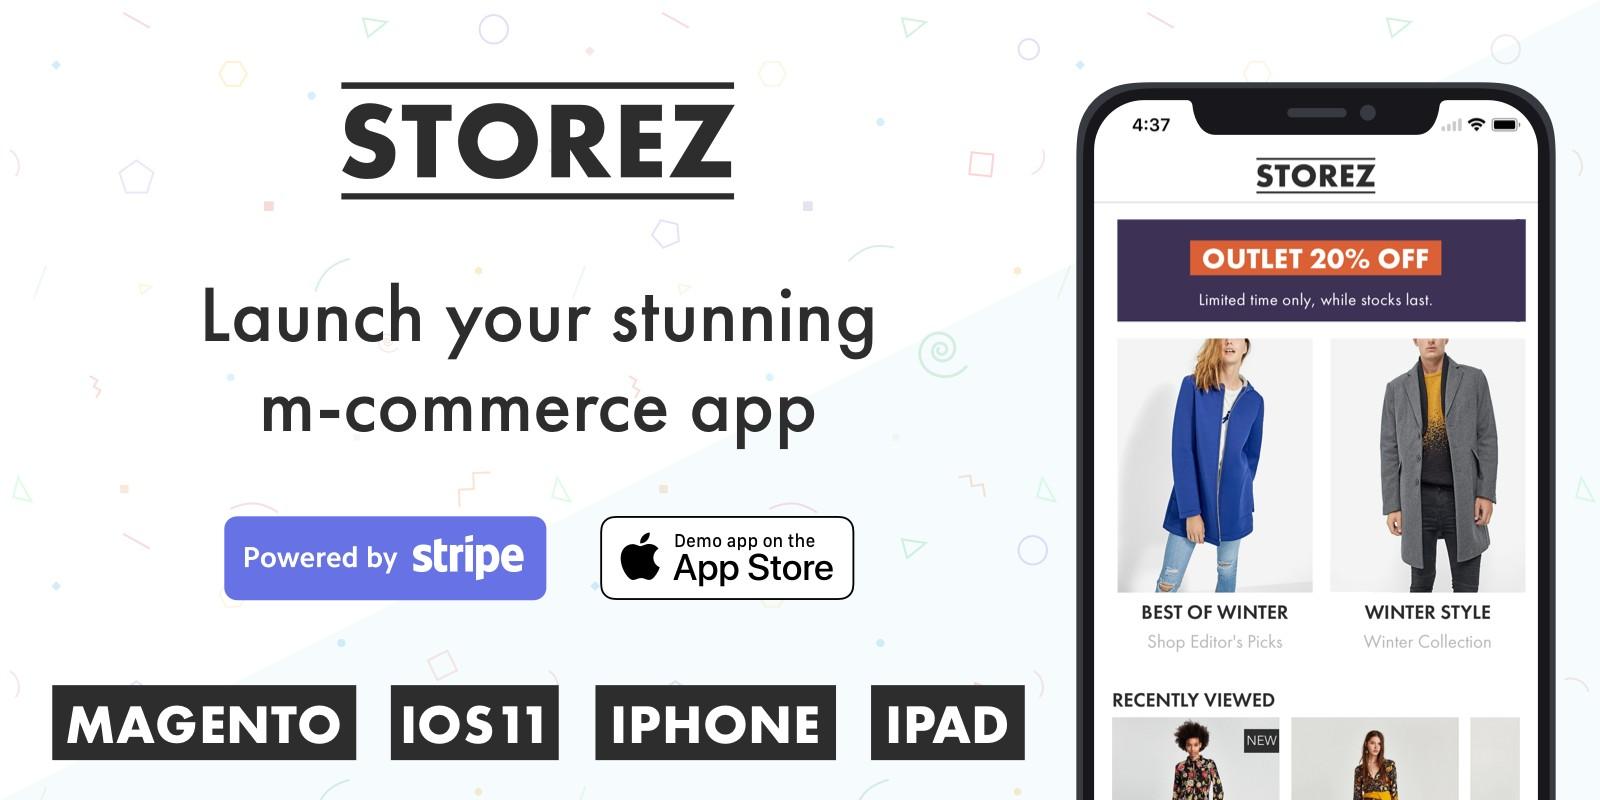 Storez - Magento iOS eCommerce App